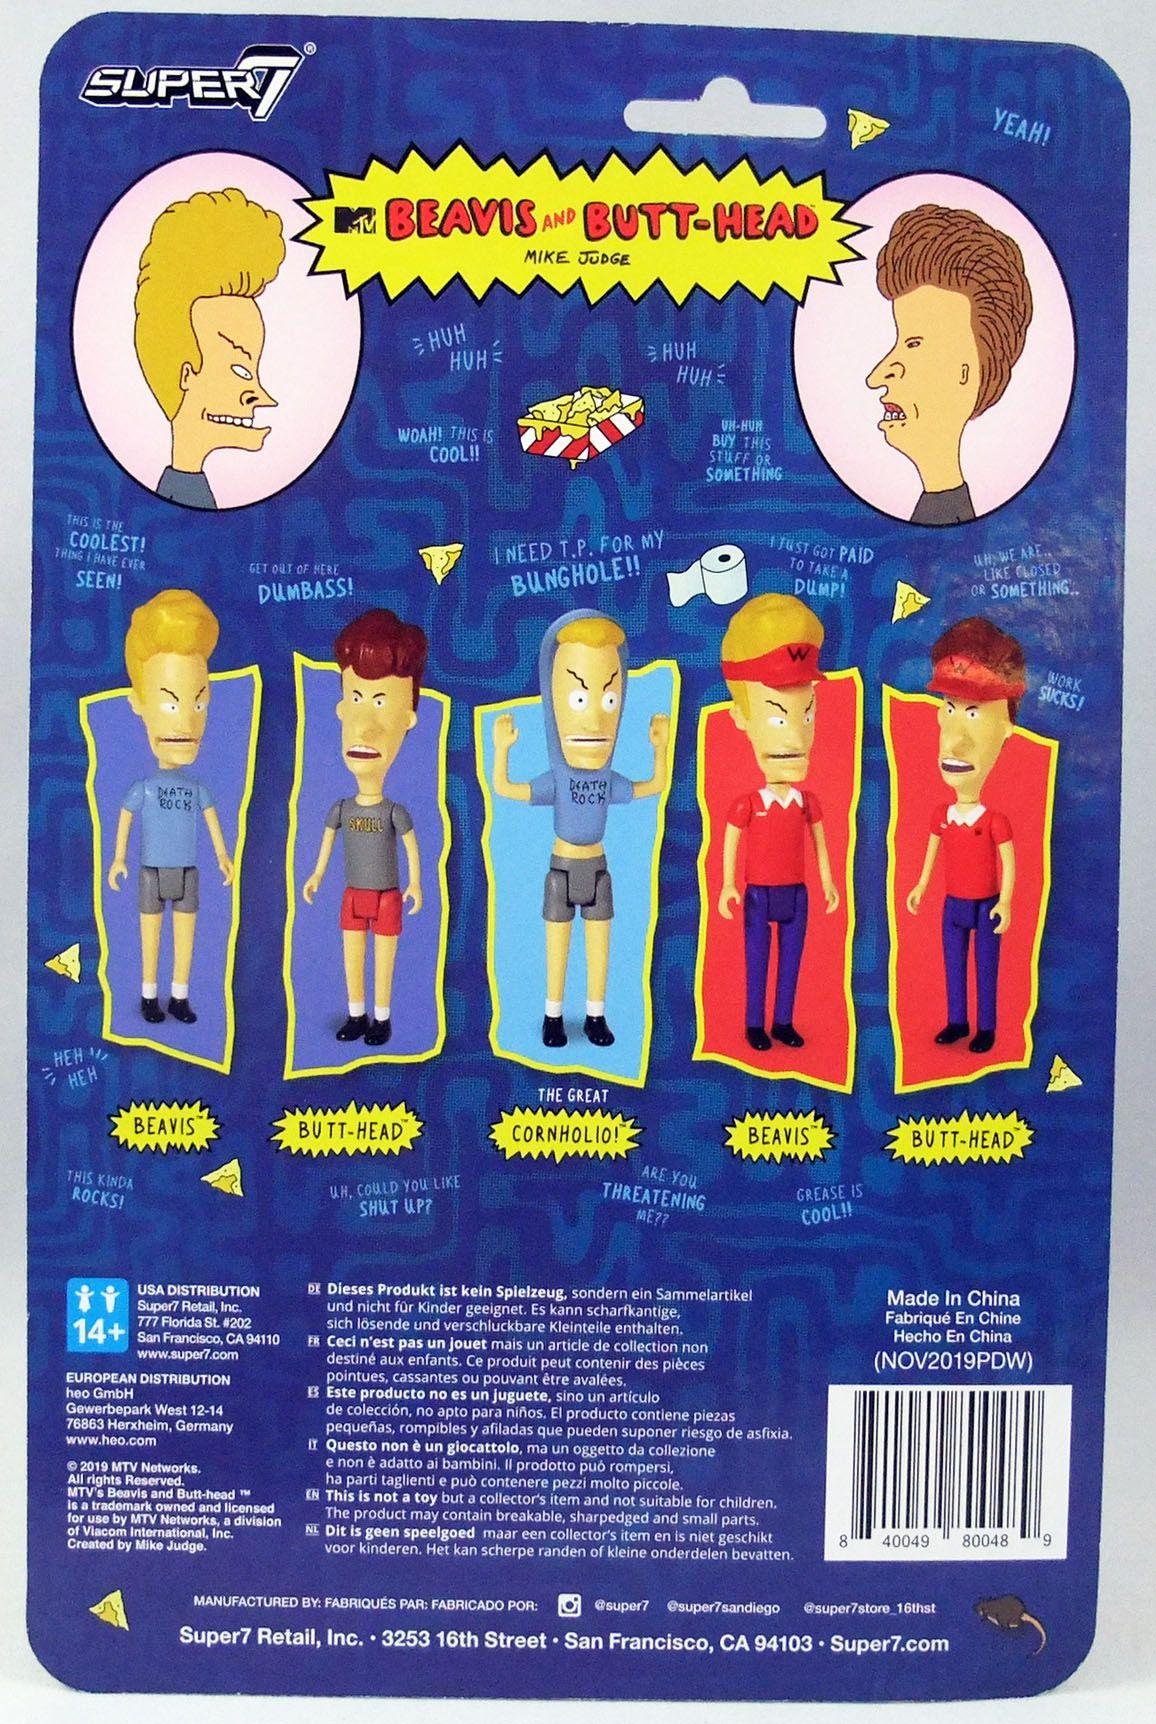 Beavis & Butt-Head - Figurine ReAction Super7 - Butt-Head